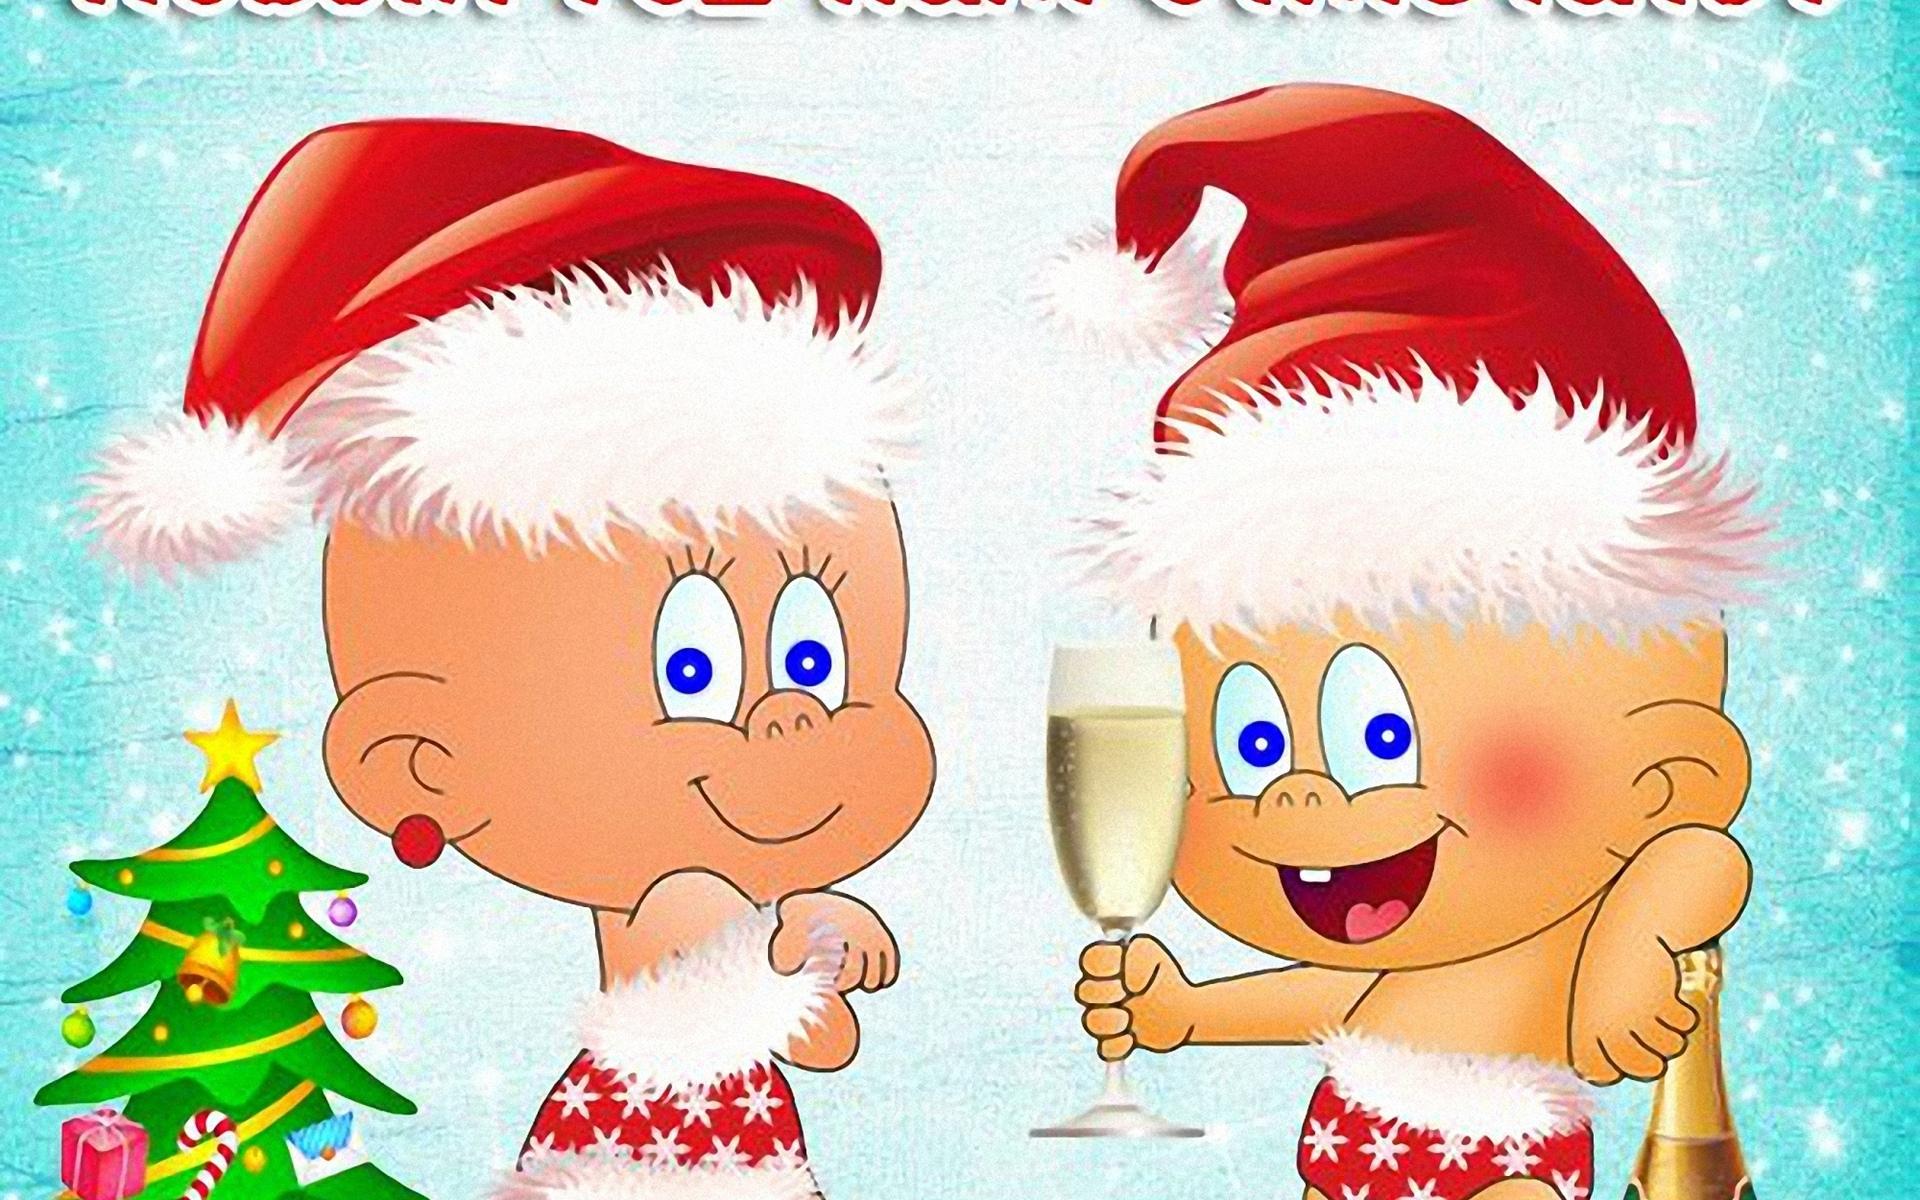 Новогодние открытки для друзей смешные